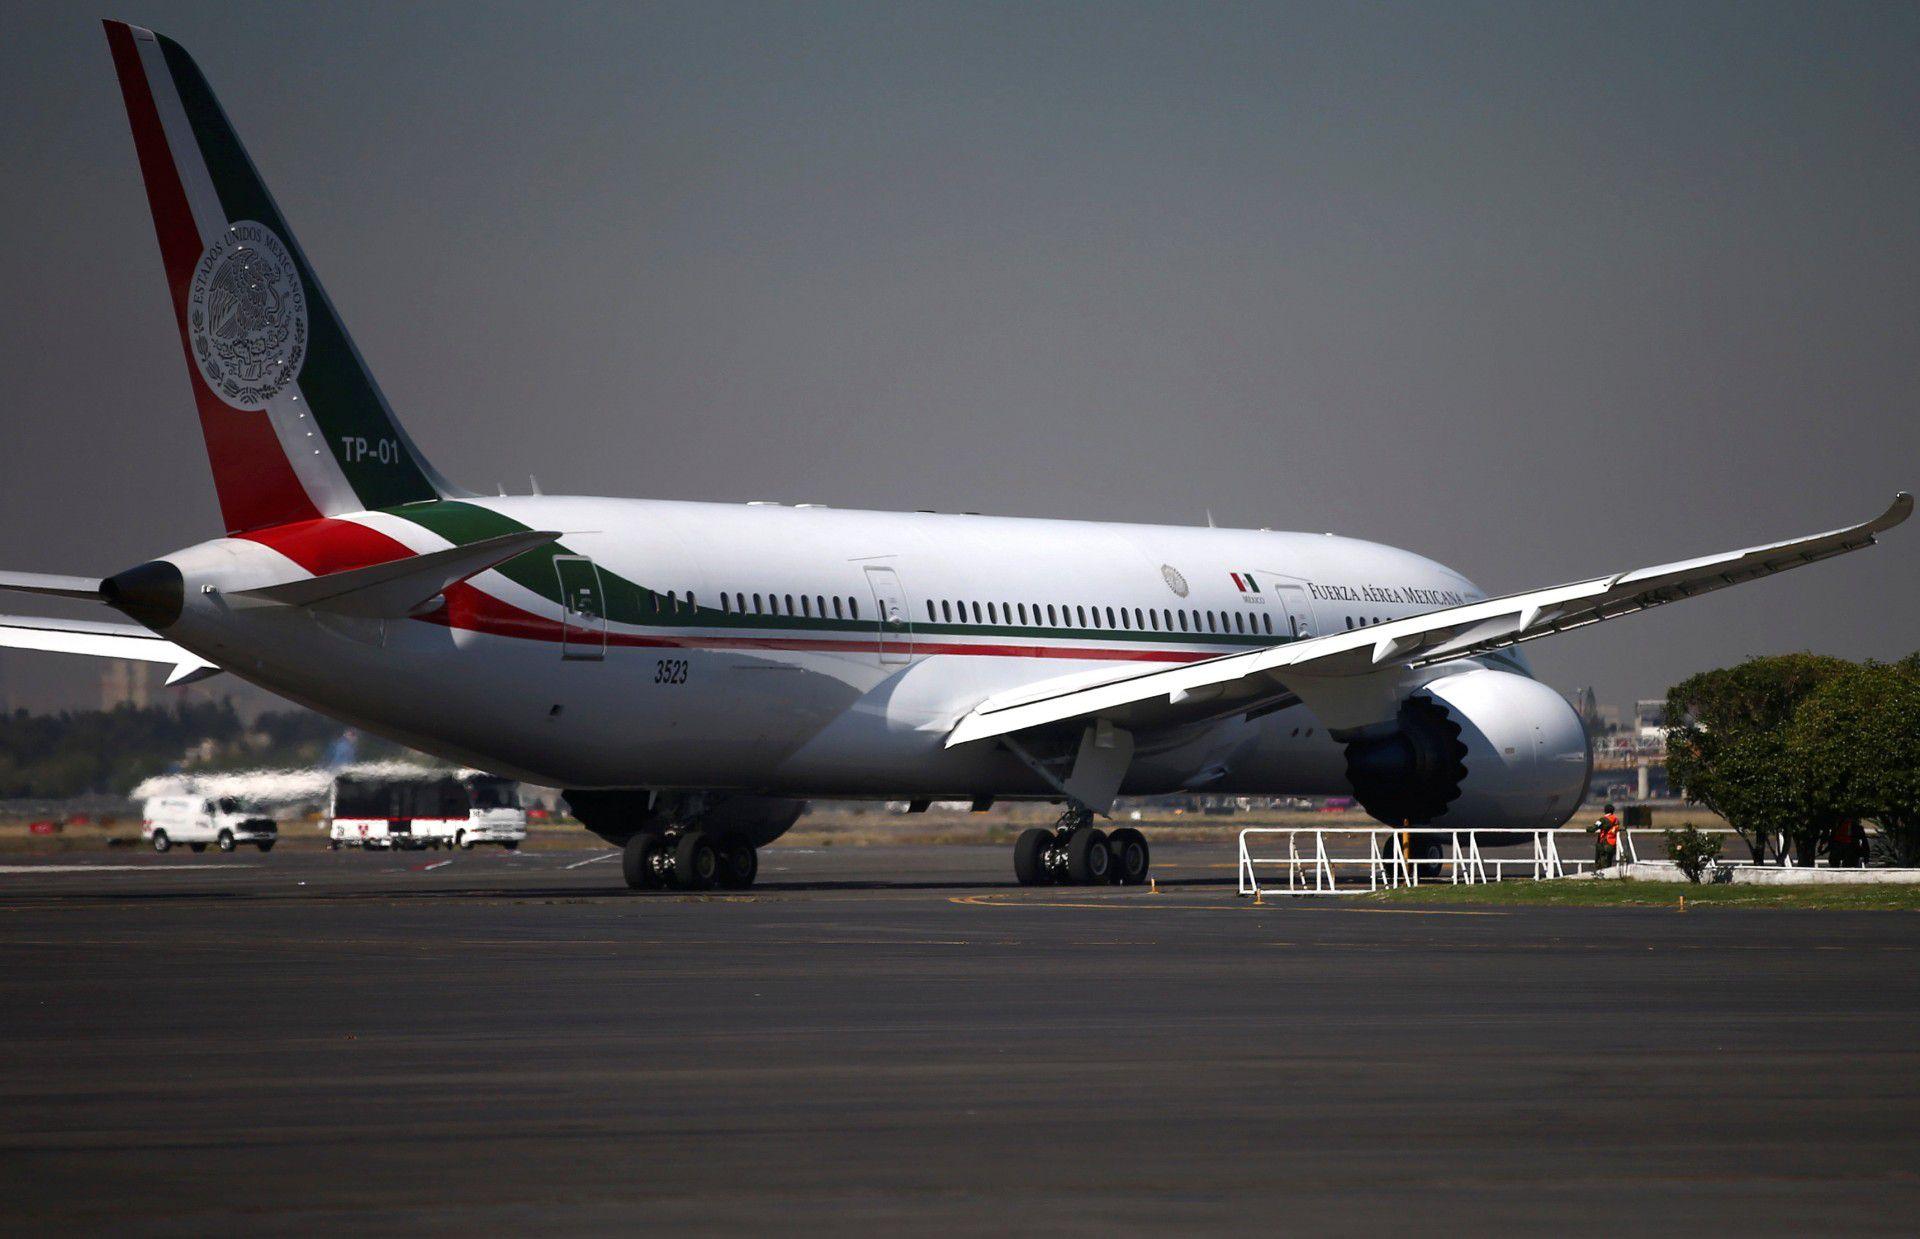 """El  avión presidencial TP-01 """"José María Morelos y Pavón"""" regresó a México esta semana. (Foto: Reuters)"""